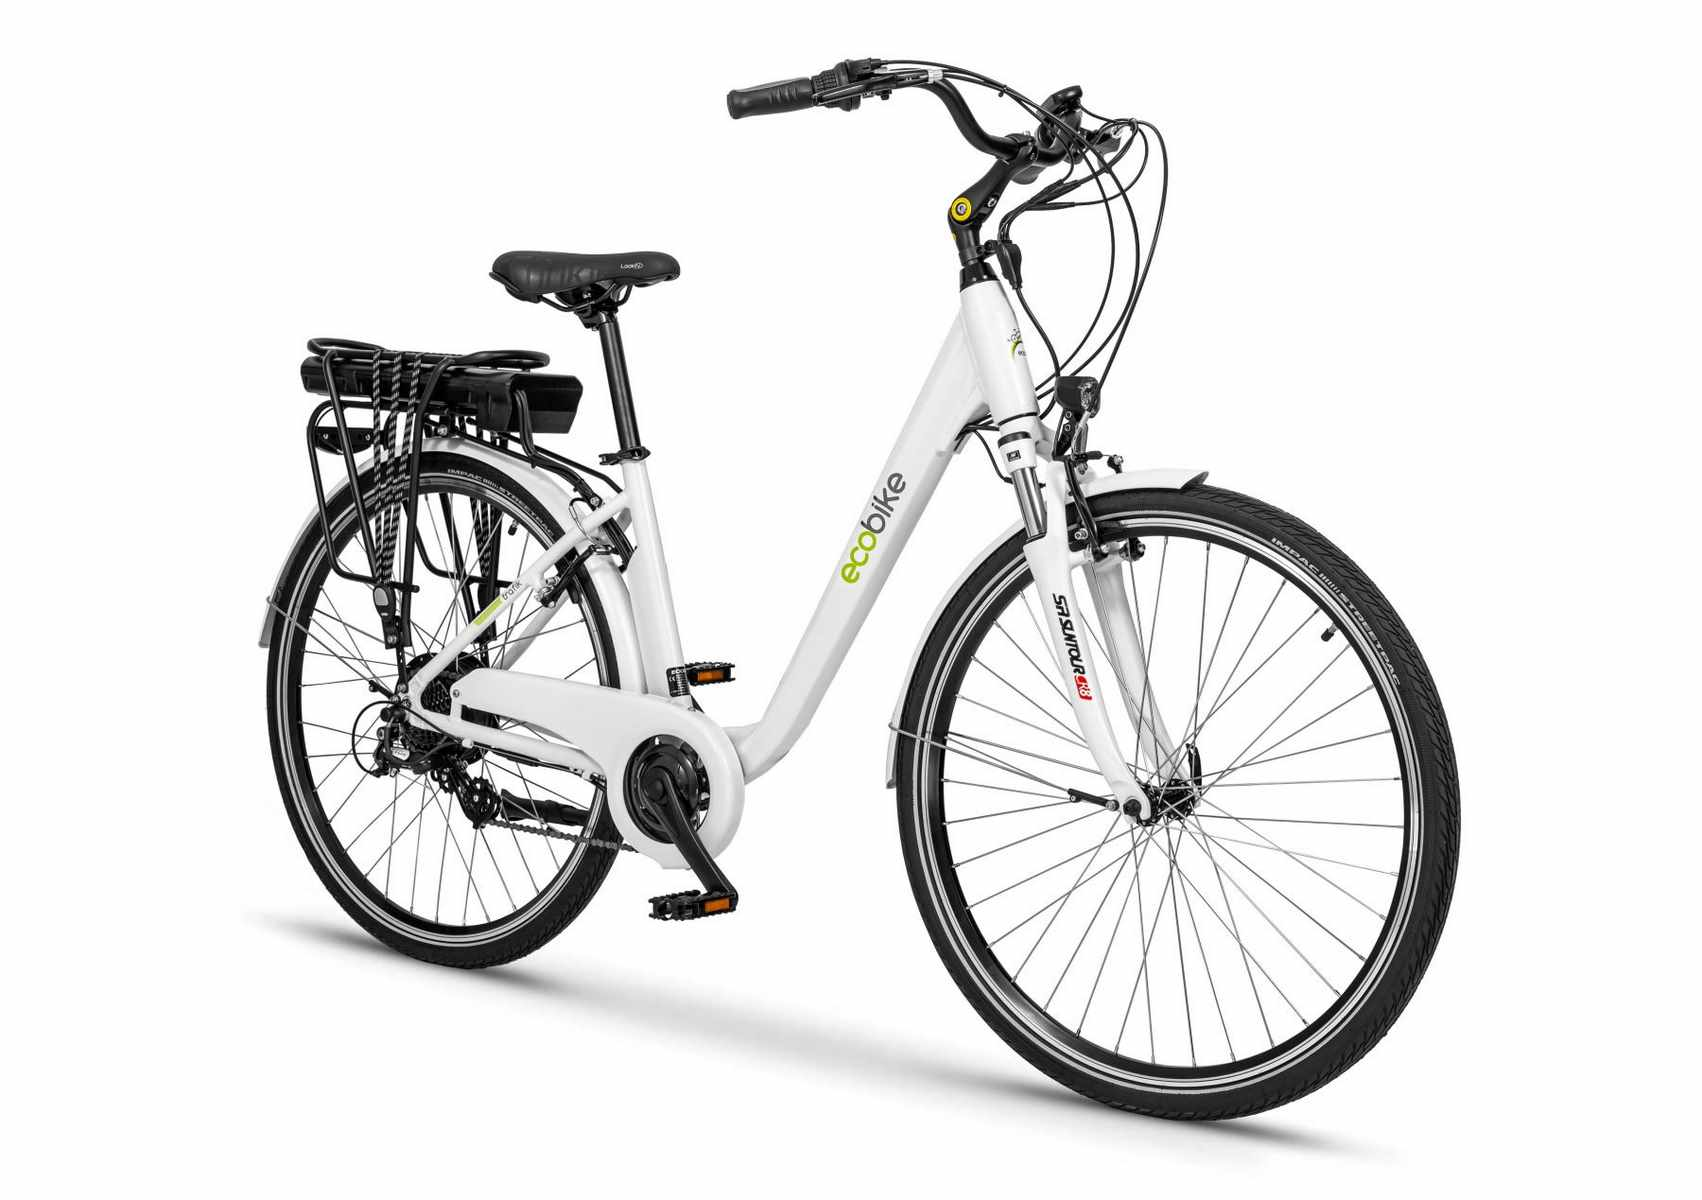 Damski rower elektryczny Ecobike trafic biały